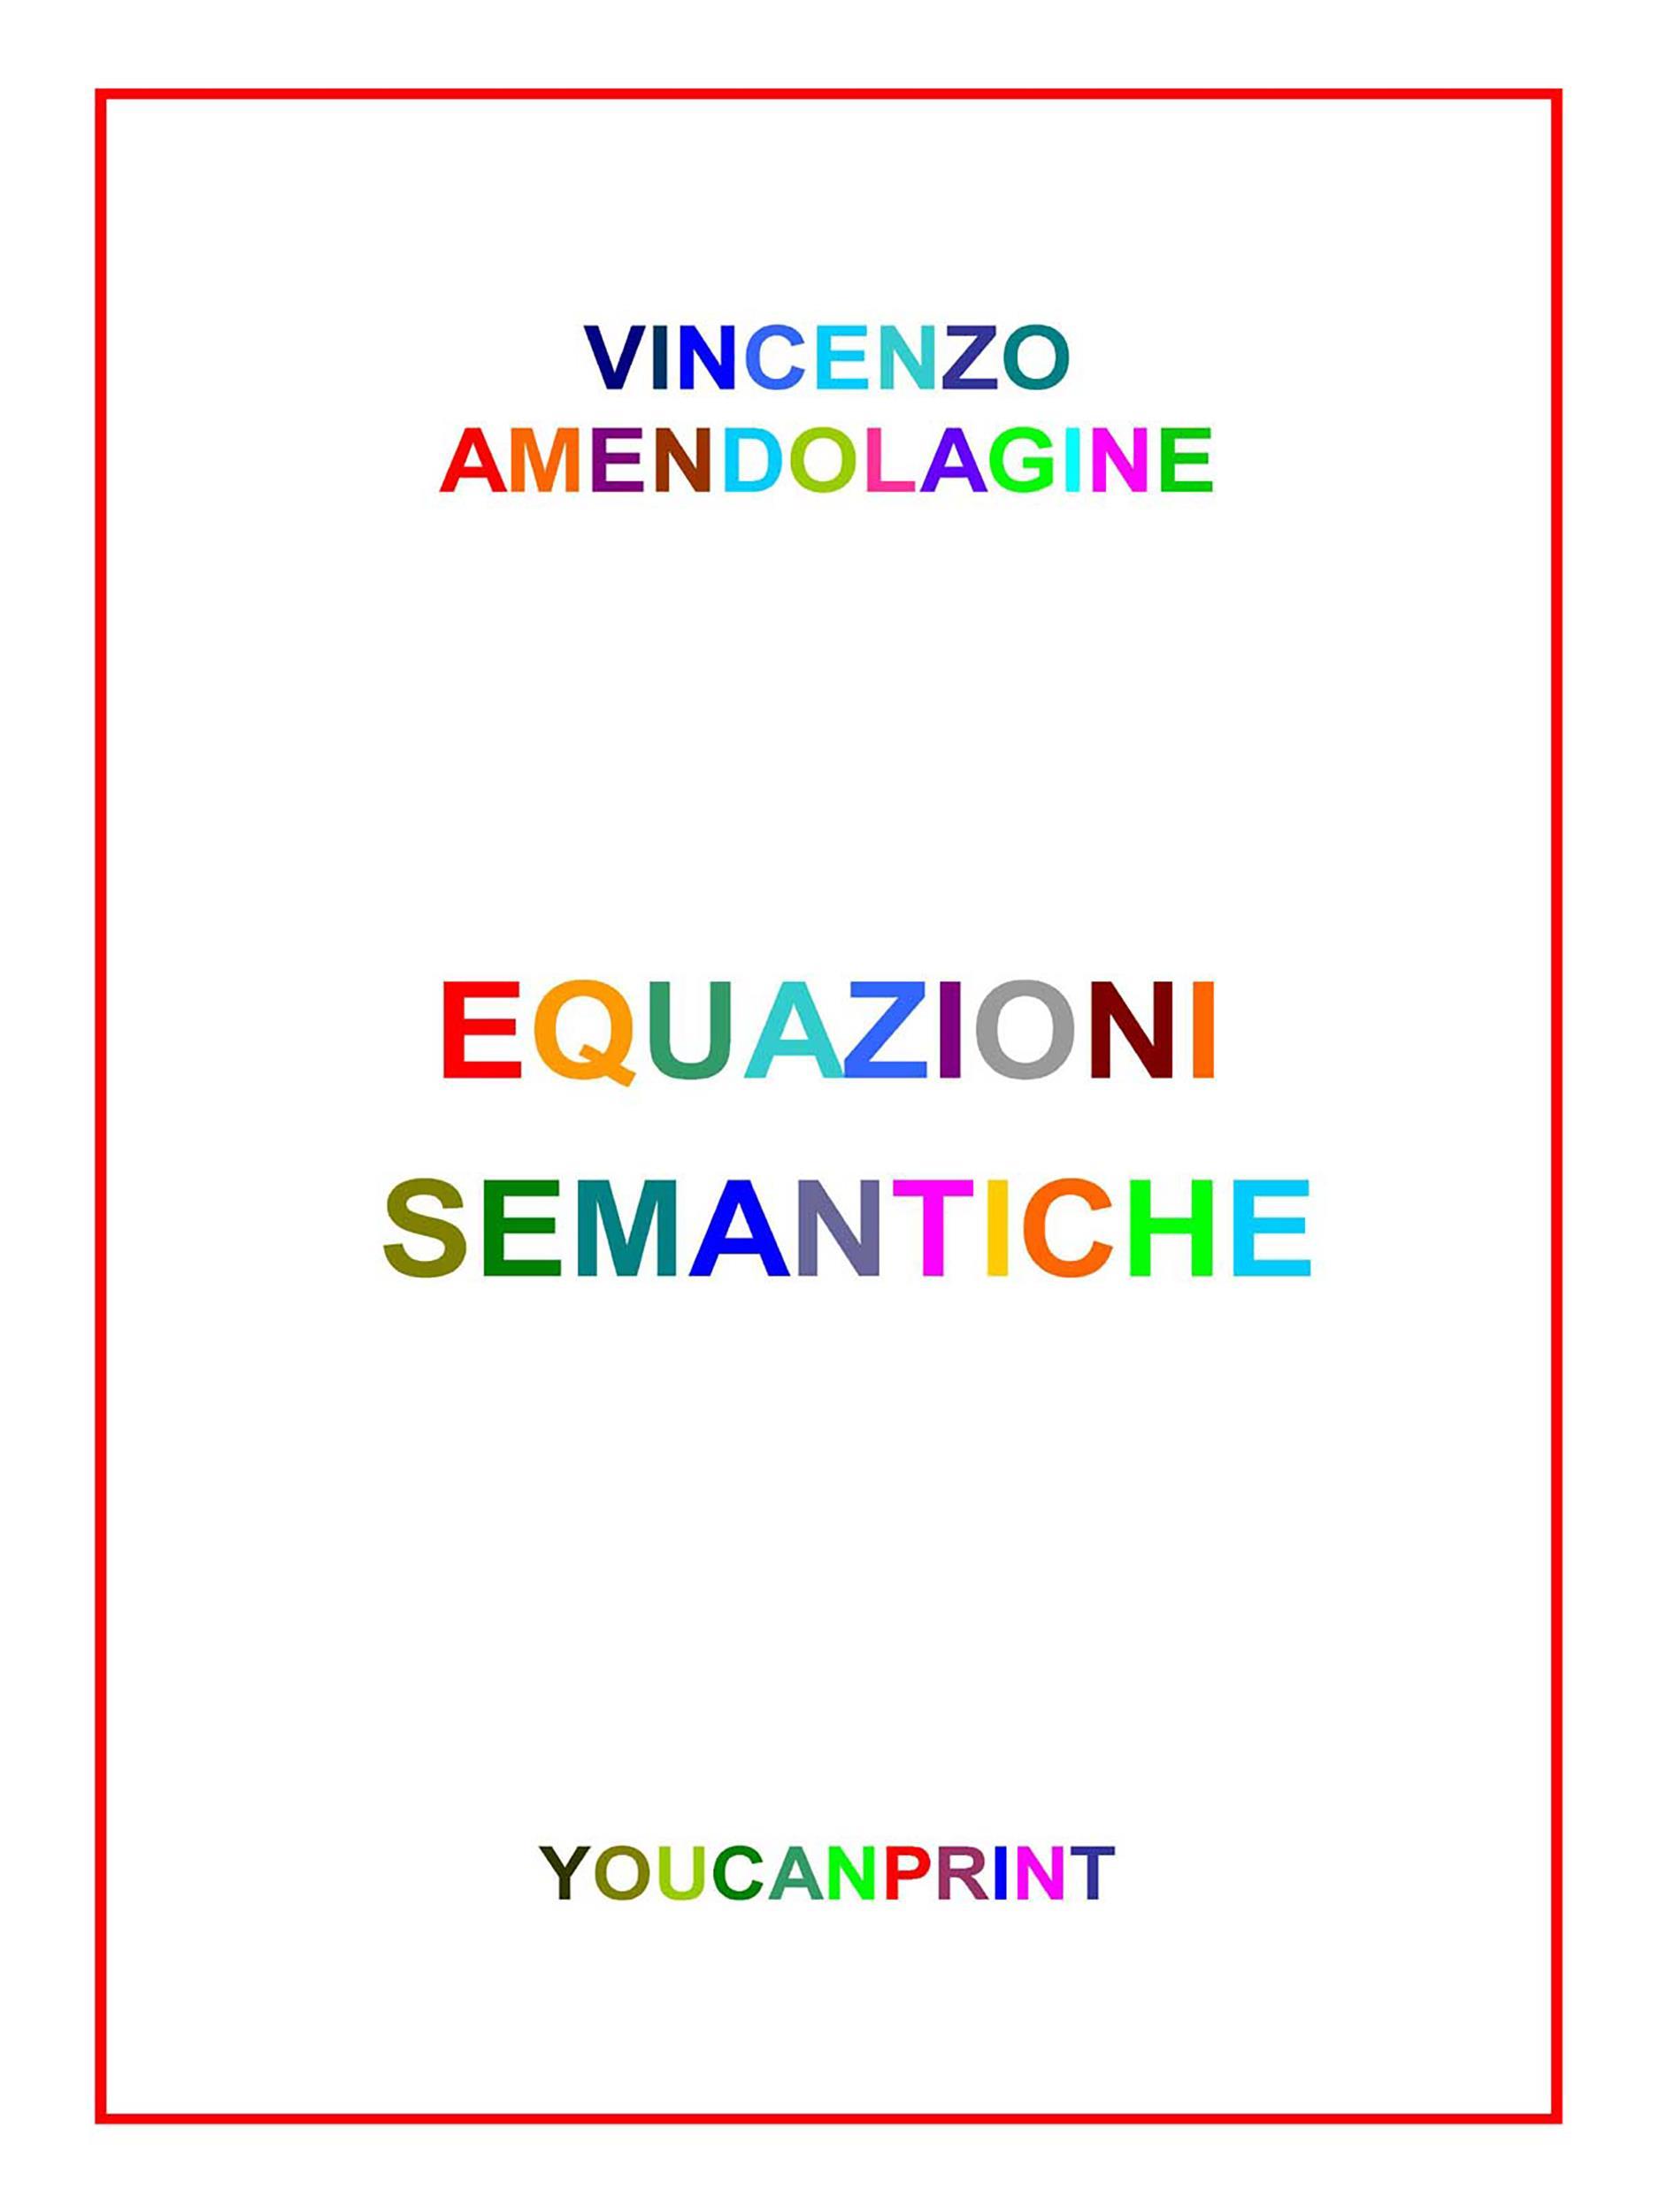 Equazioni semantiche